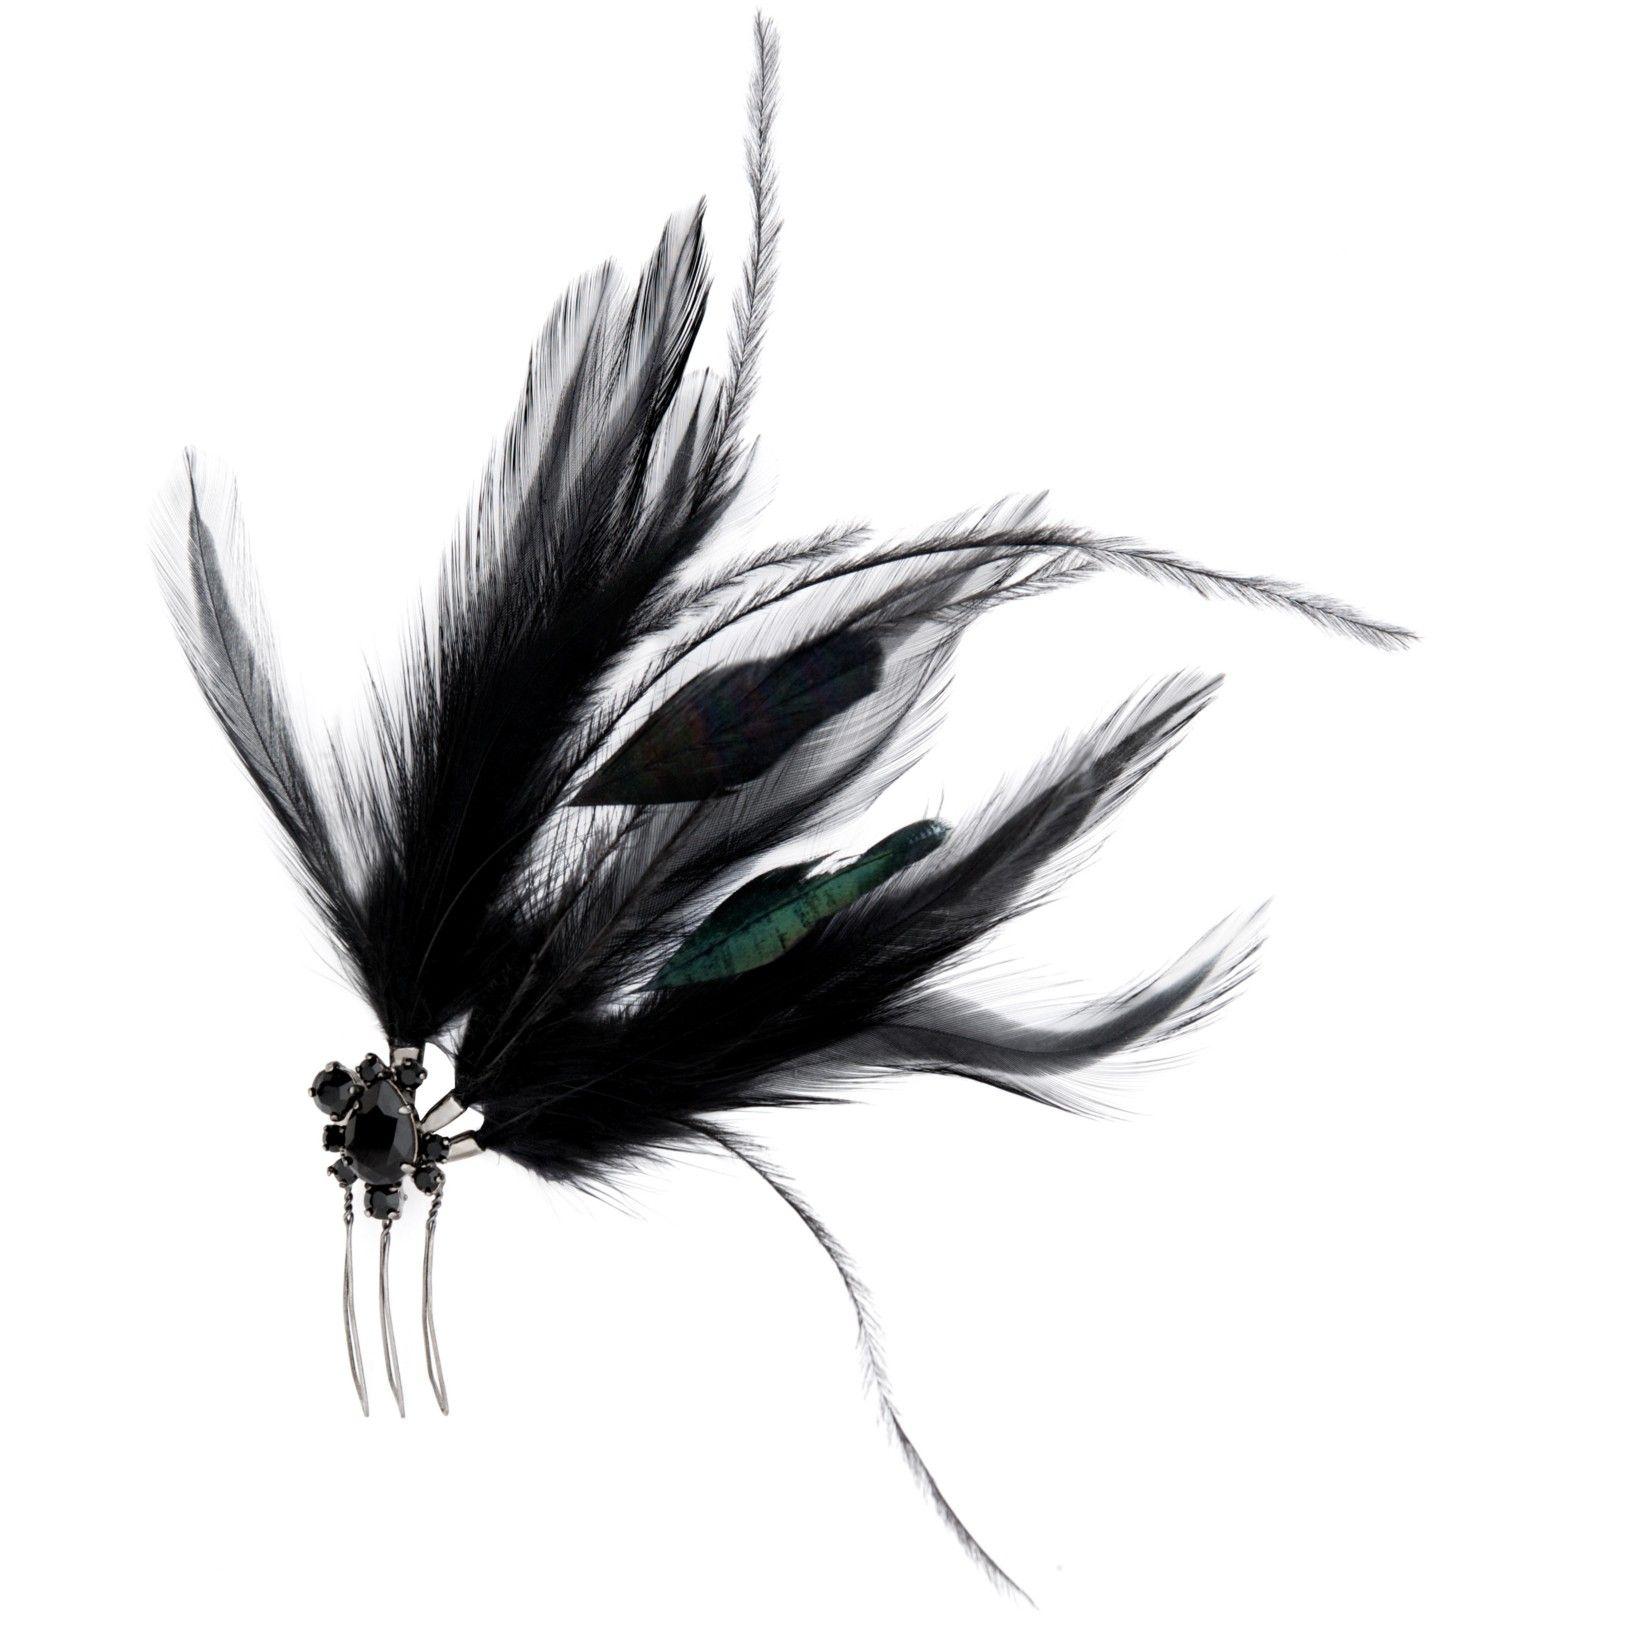 Moulin Rouge by On Aura Tout Vu  Une touche de glamour dans votre chevelure avec ce bijou pour cheveux ornementé de cristaux Swarovski®, de plumes de coq et barbe d'autruche provenant de la Maison Février, célèbre plumassier du Moulin Rouge Le peigne plume, l'accessoire idéal pour parfaire une tenue de soirée, ou de toutes autres occasions particulières.  http://www.moulinrougestore.com/peigne-plume.html